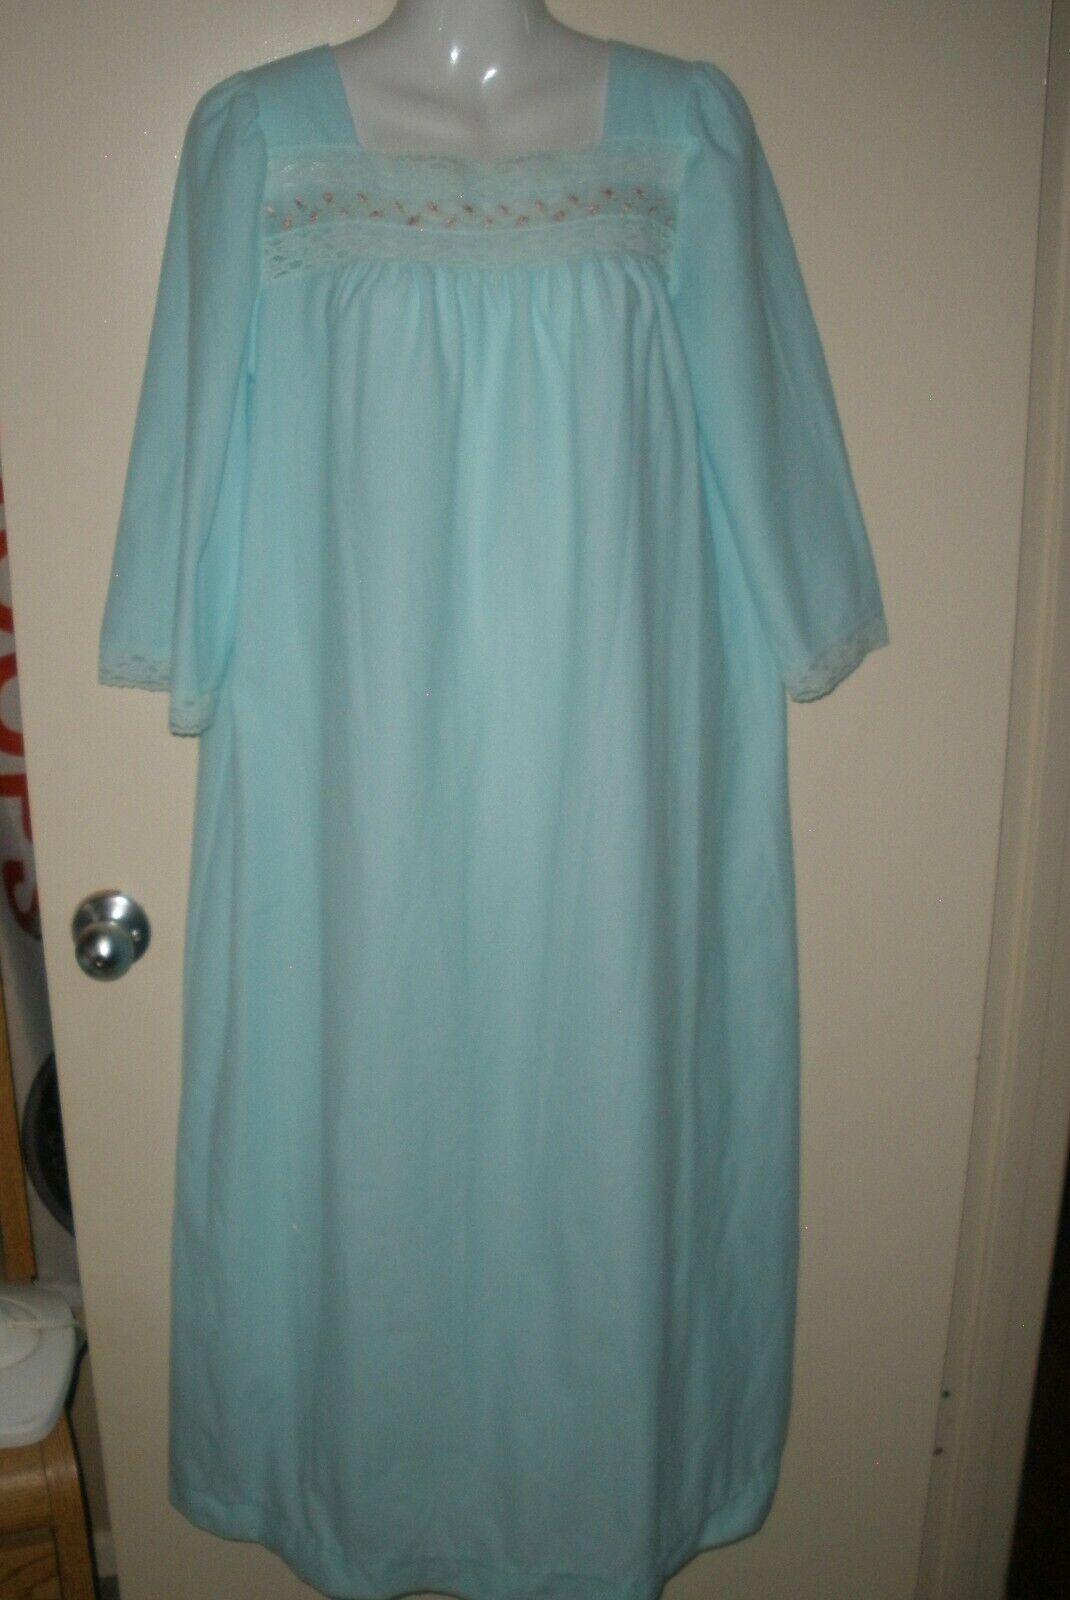 #956 Vintage M Vanity Fair Nightgown Teal Blue Long Sleeved Fleece Lined